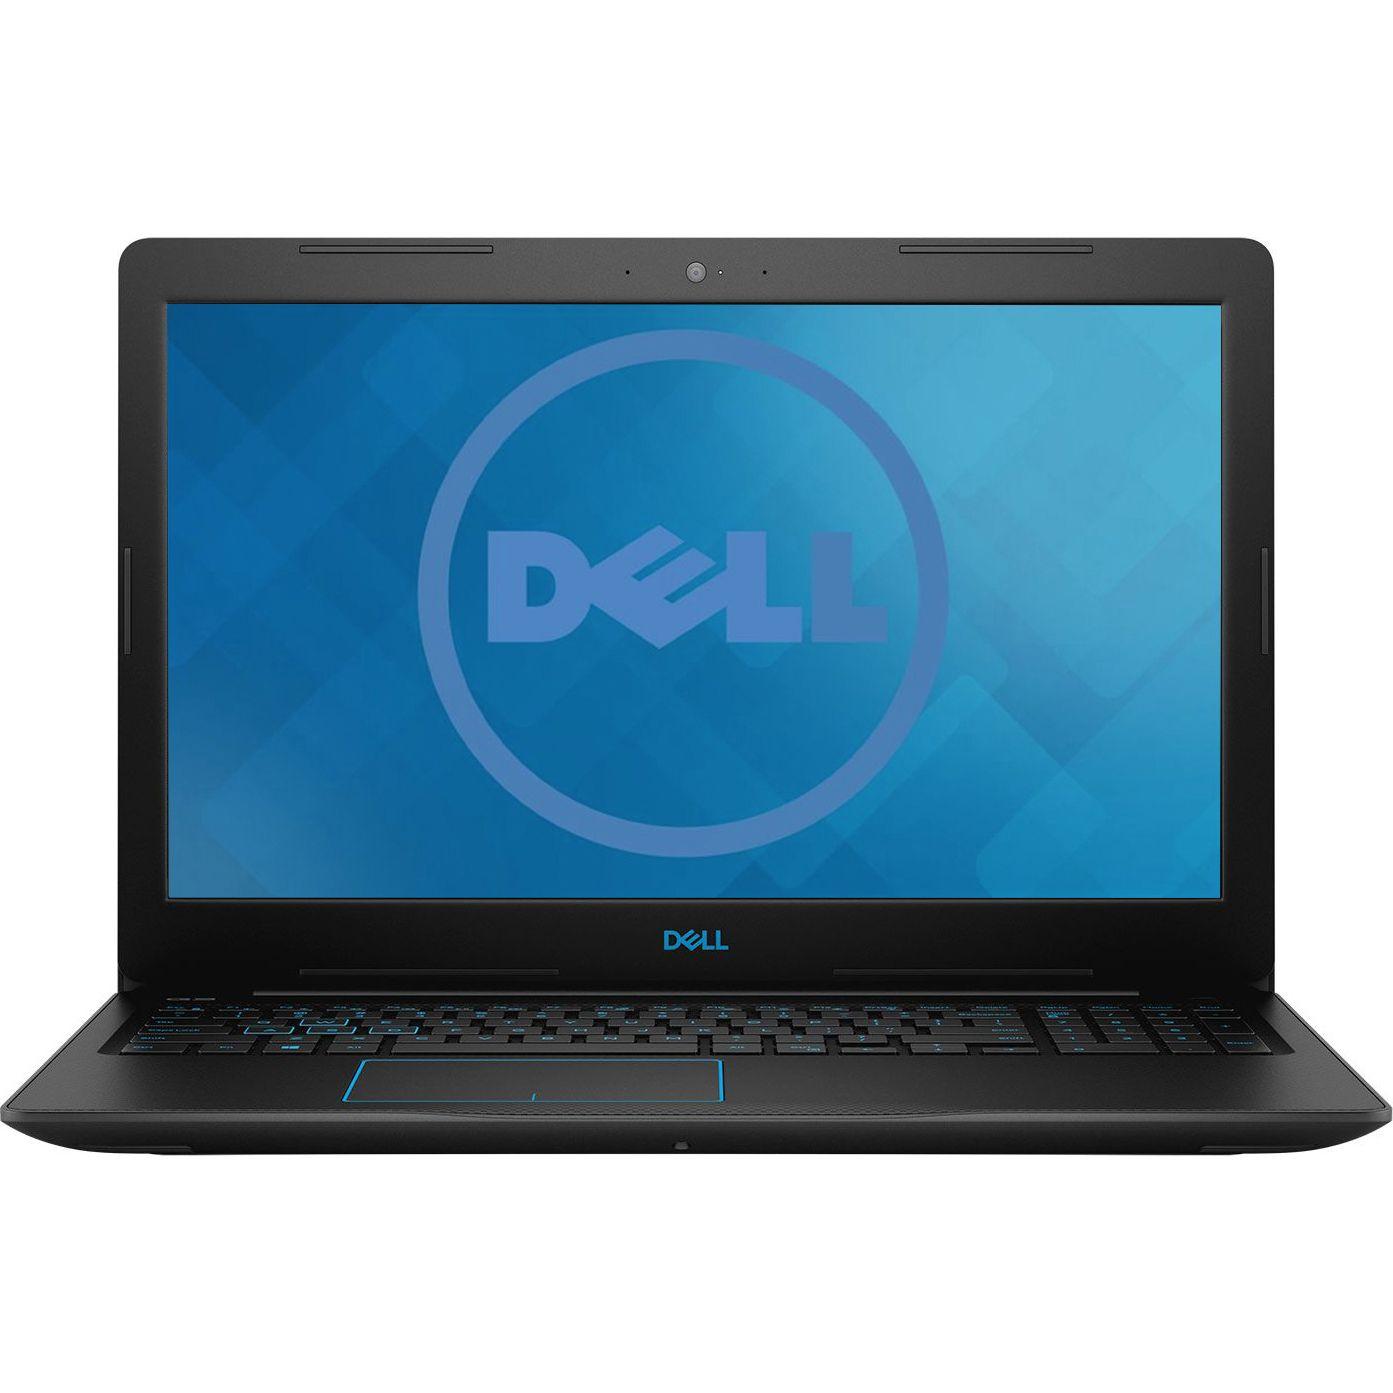 Notebook Dell G3 3579 15.6 Full HD Intel Core i7-8750H GTX 1050 Ti-4GB RAM 16GB SSD 512GB Linux